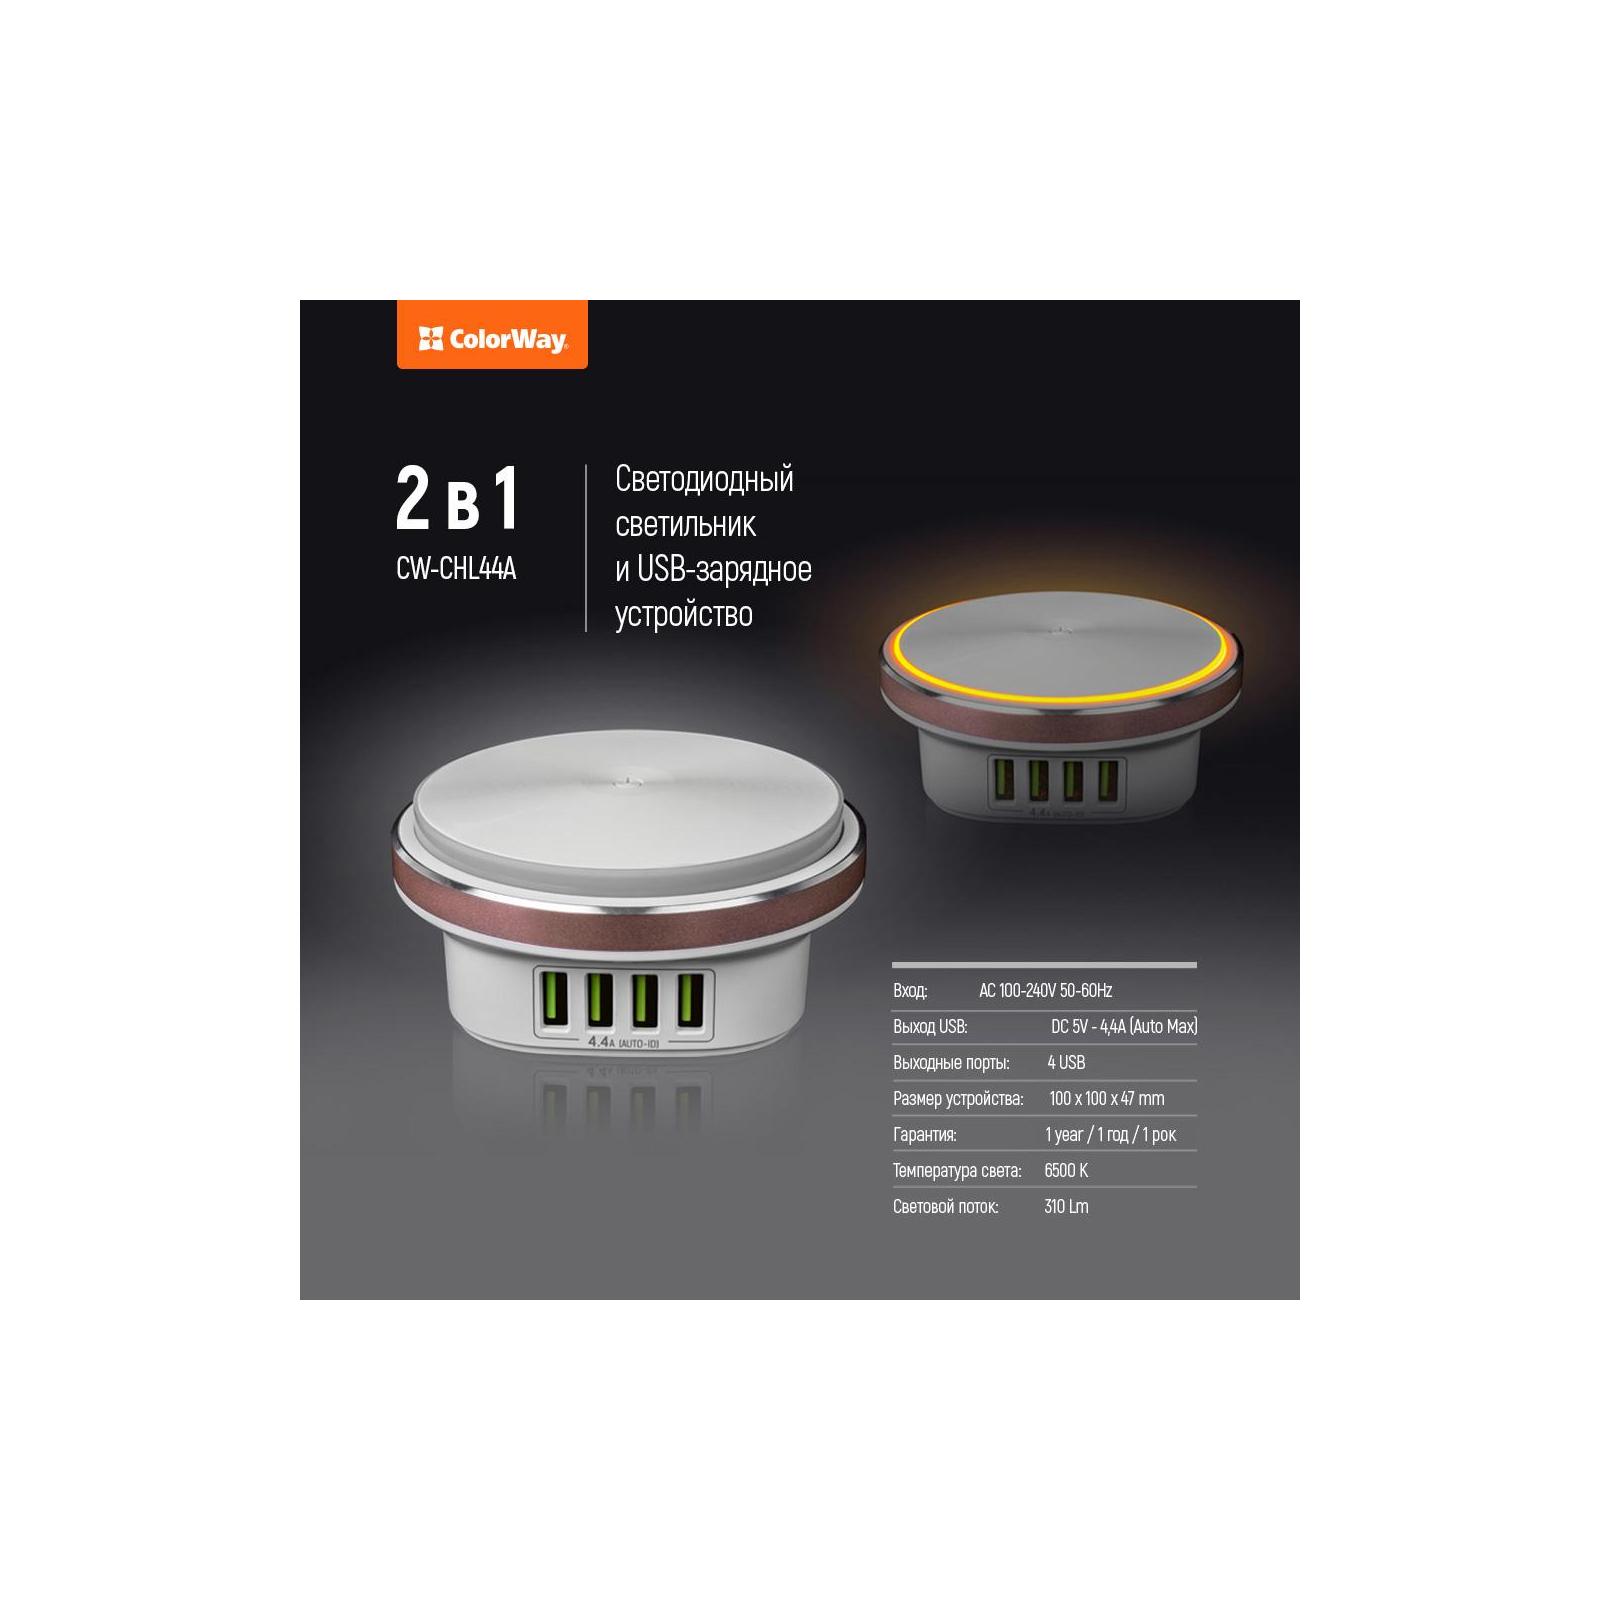 Зарядное устройство ColorWay 4*USB 4.4А + LED лампа 310 Lm (CW-CHL44A) изображение 2